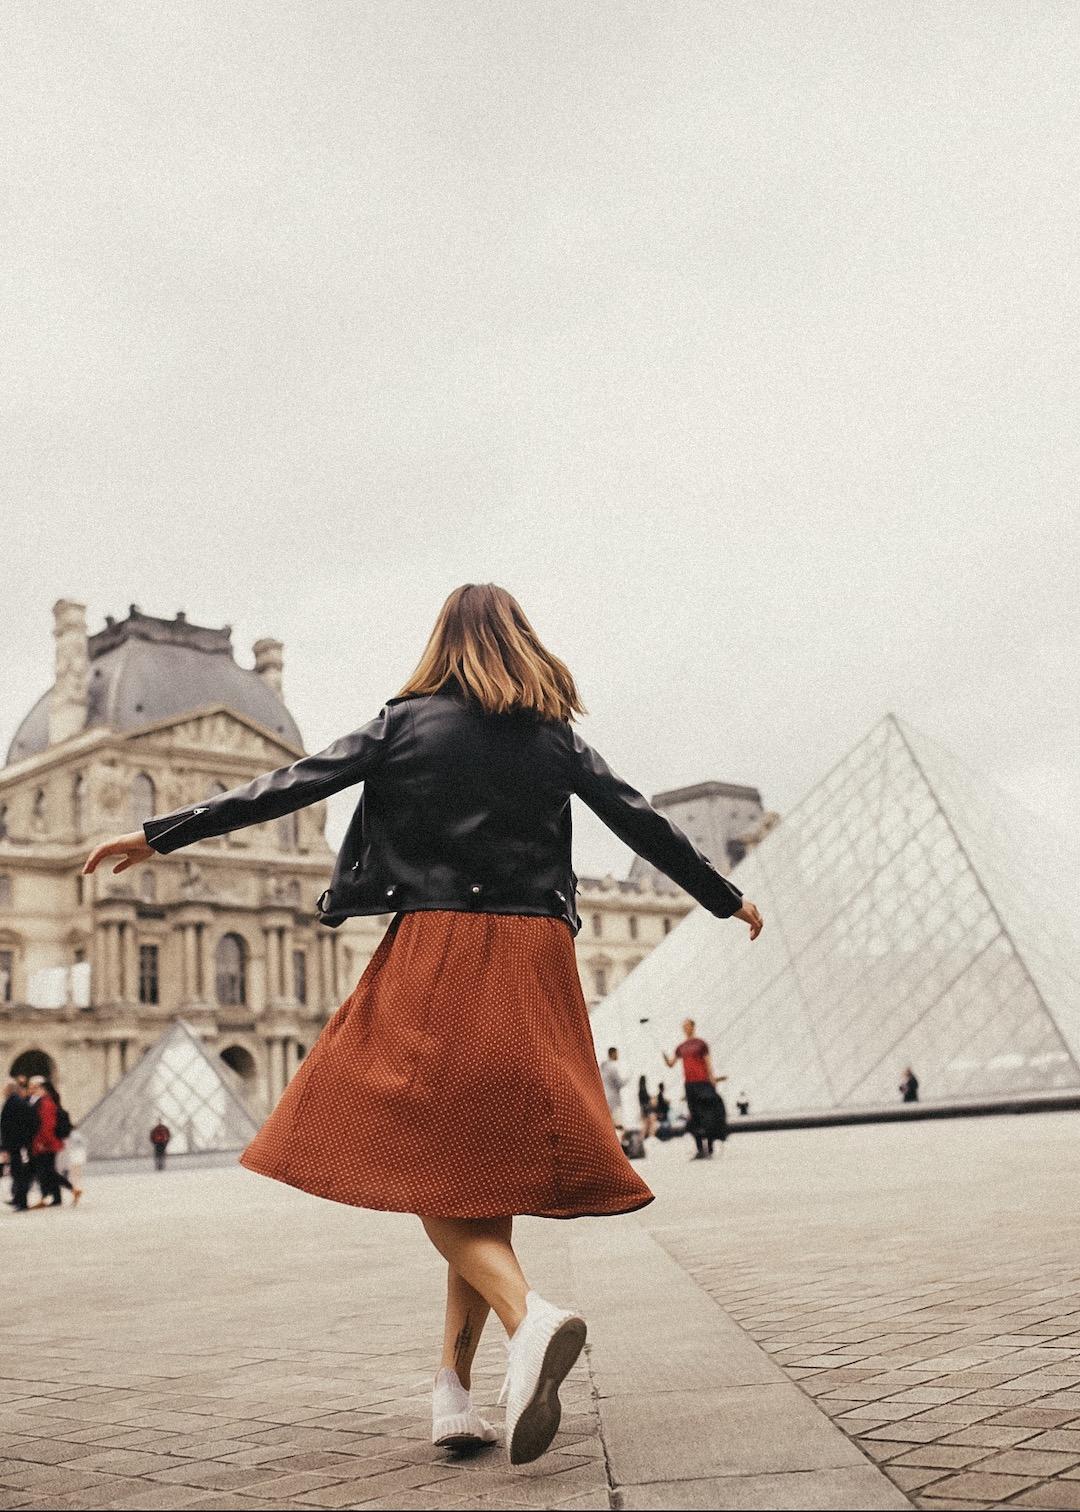 8 Paris Photo Spots You Can't Miss kerstinloves